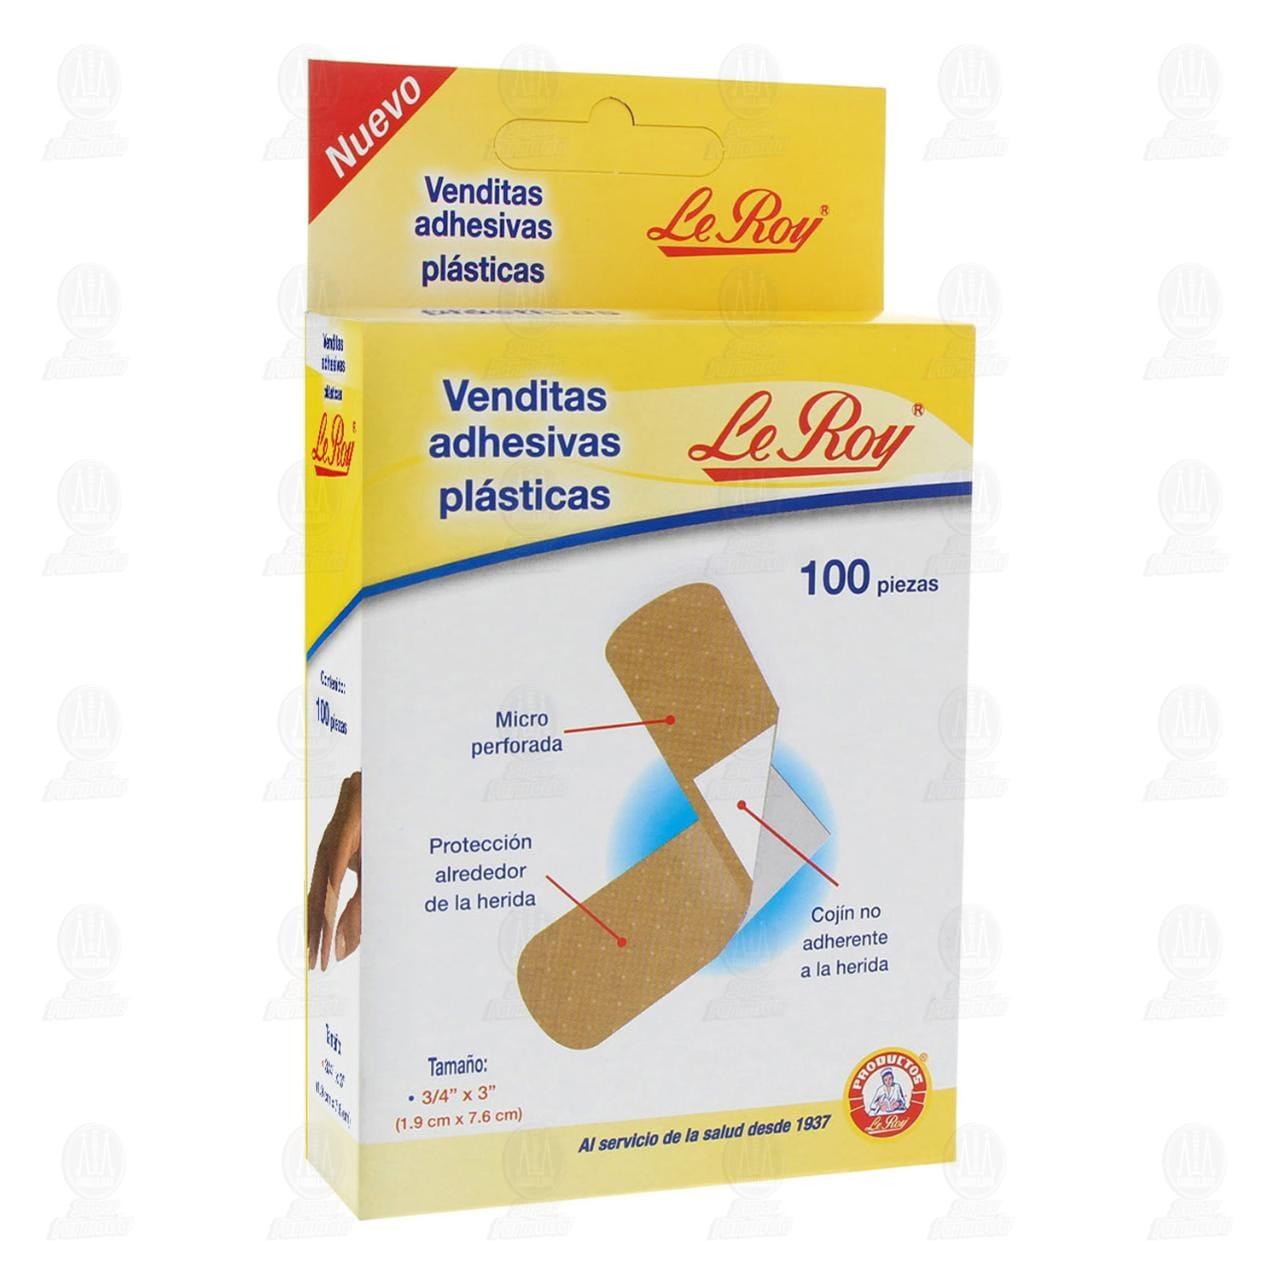 comprar https://www.movil.farmaciasguadalajara.com/wcsstore/FGCAS/wcs/products/965529_A_1280_AL.jpg en farmacias guadalajara